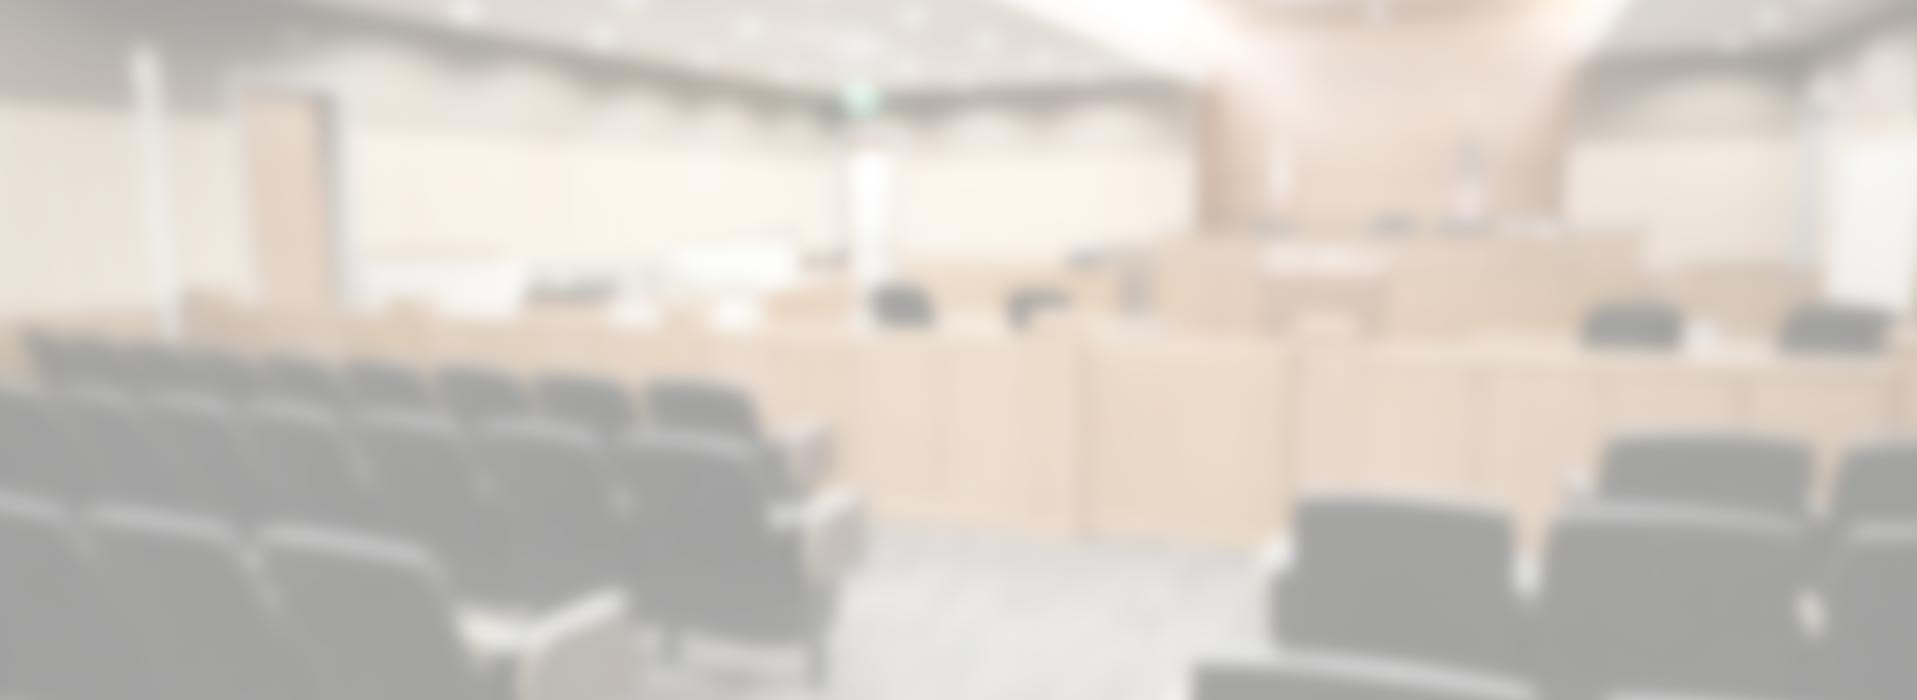 steve-brian-davis-san-diego-attorney-at-law-slider-courtroom